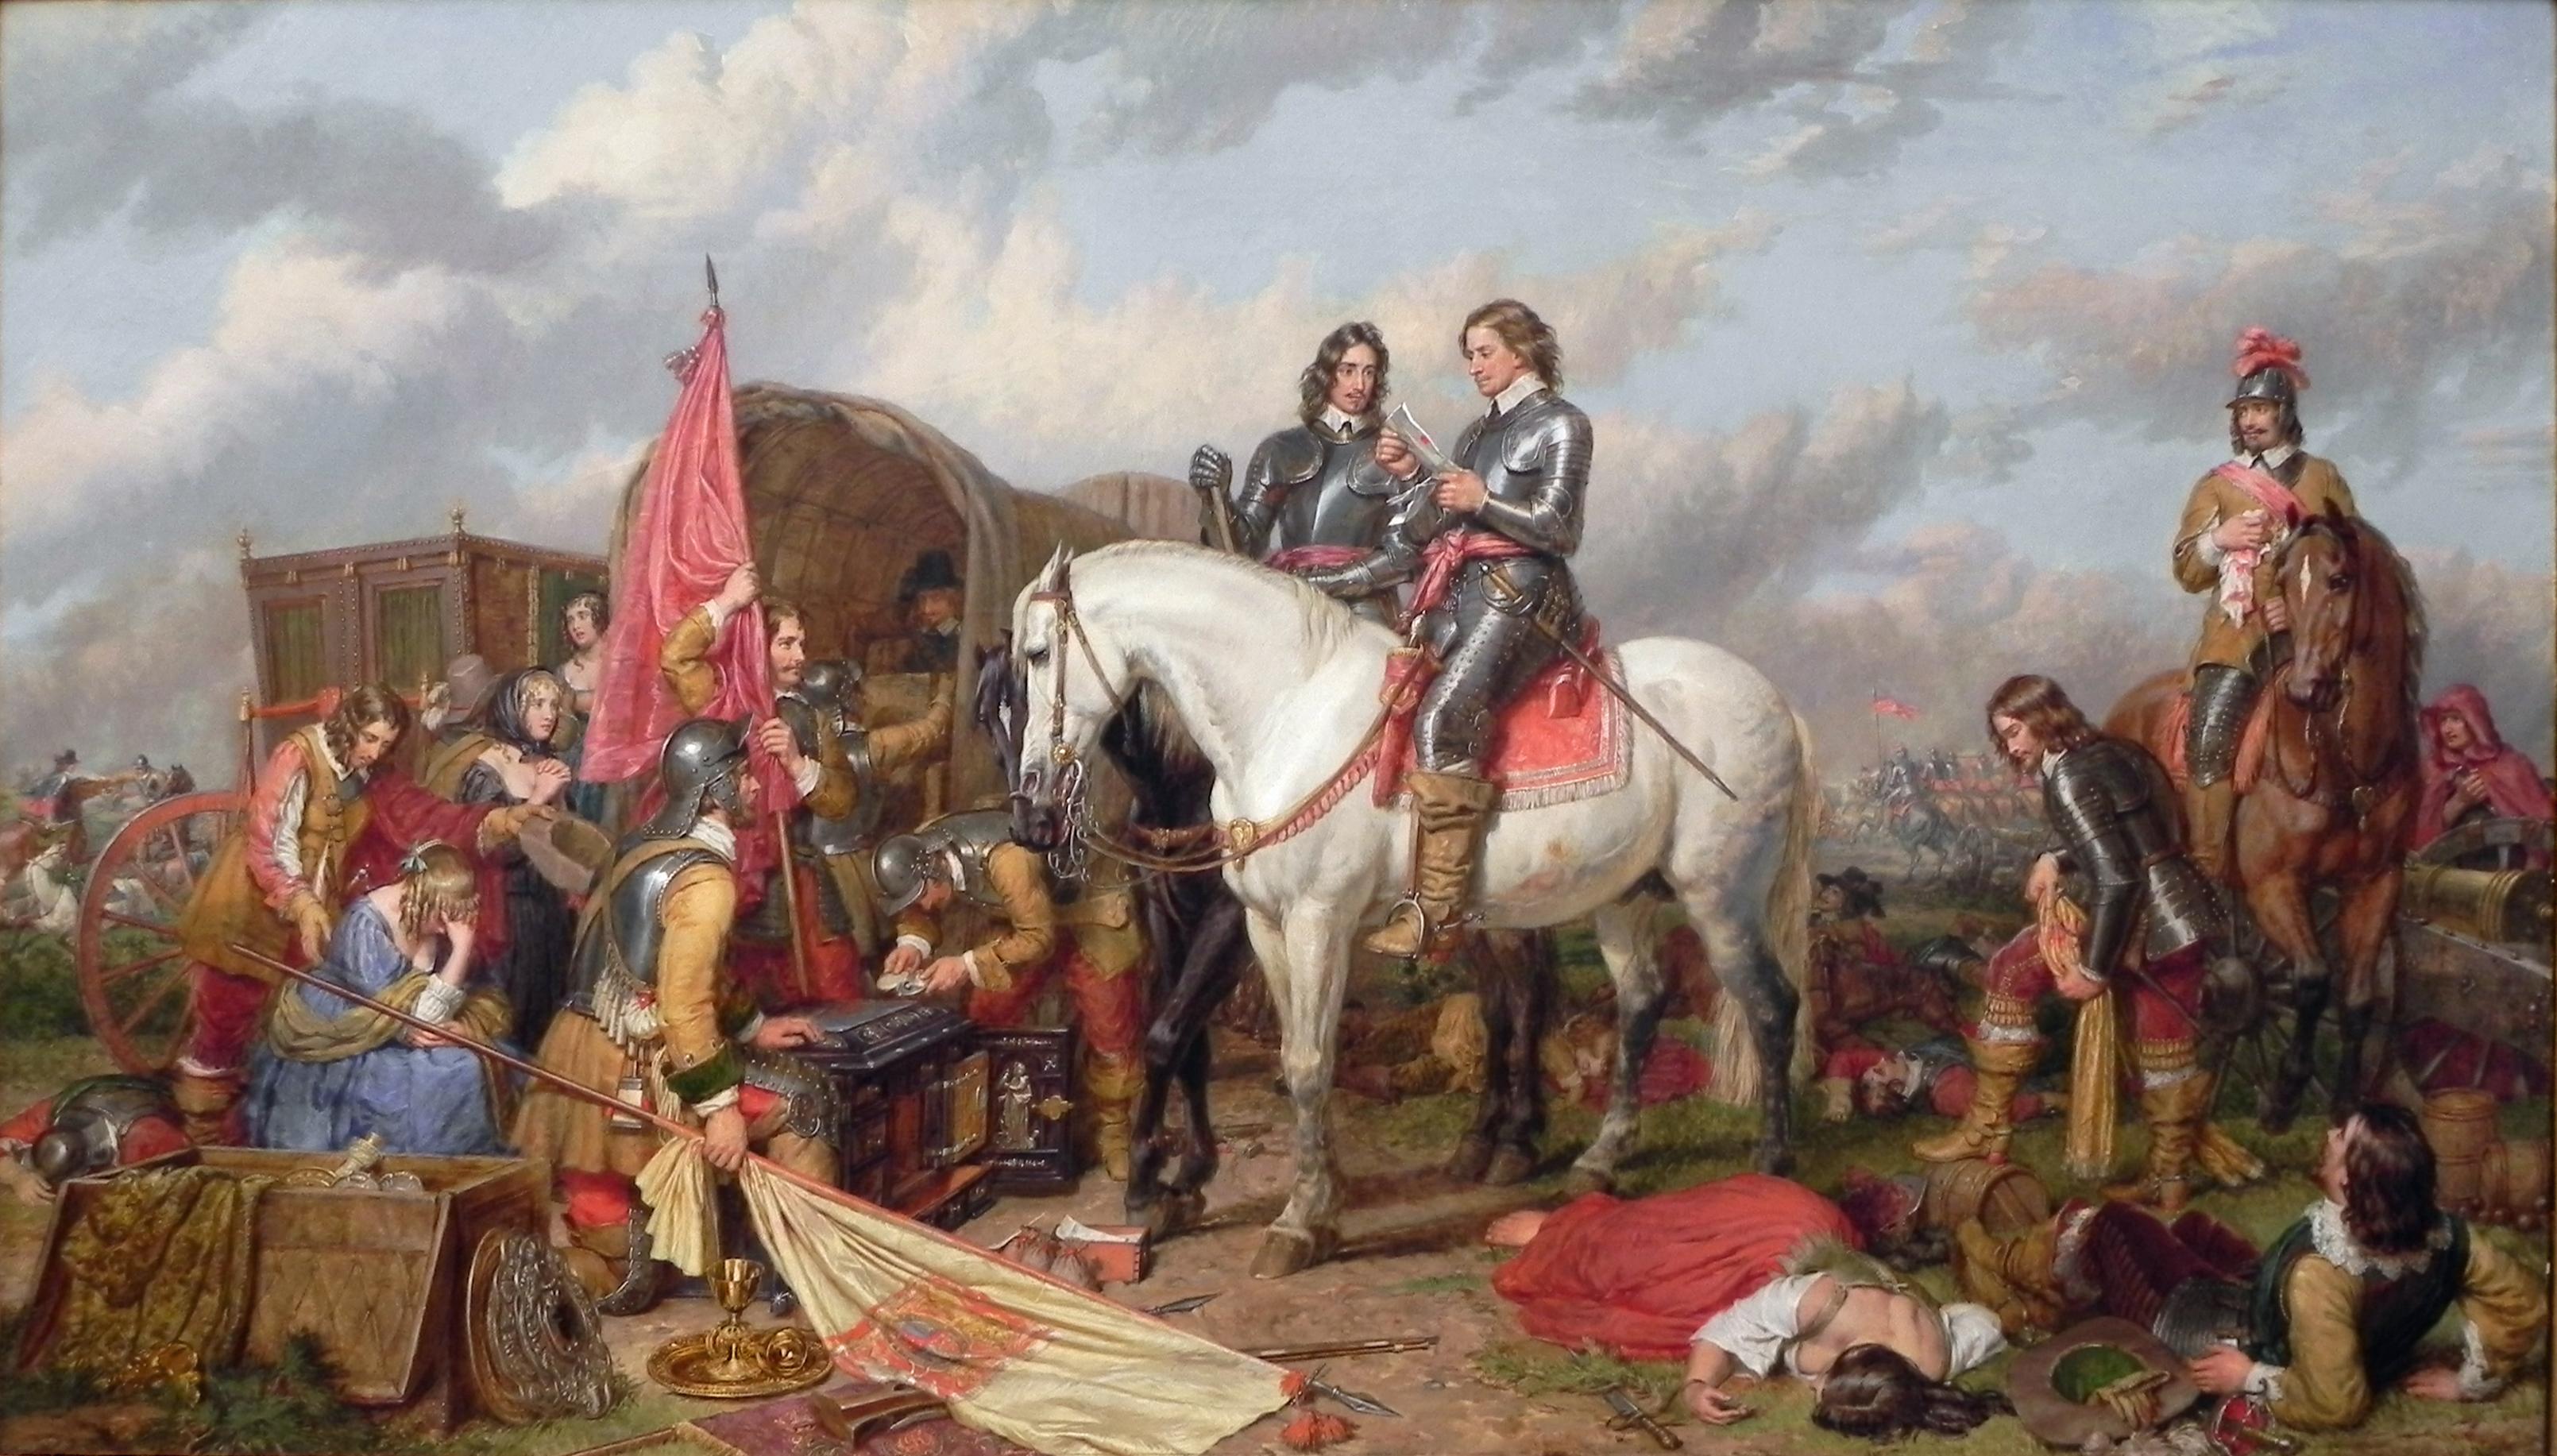 Чарльз Ландсир. Кромвель в сражении у Нейзби в 1645 году. 1851